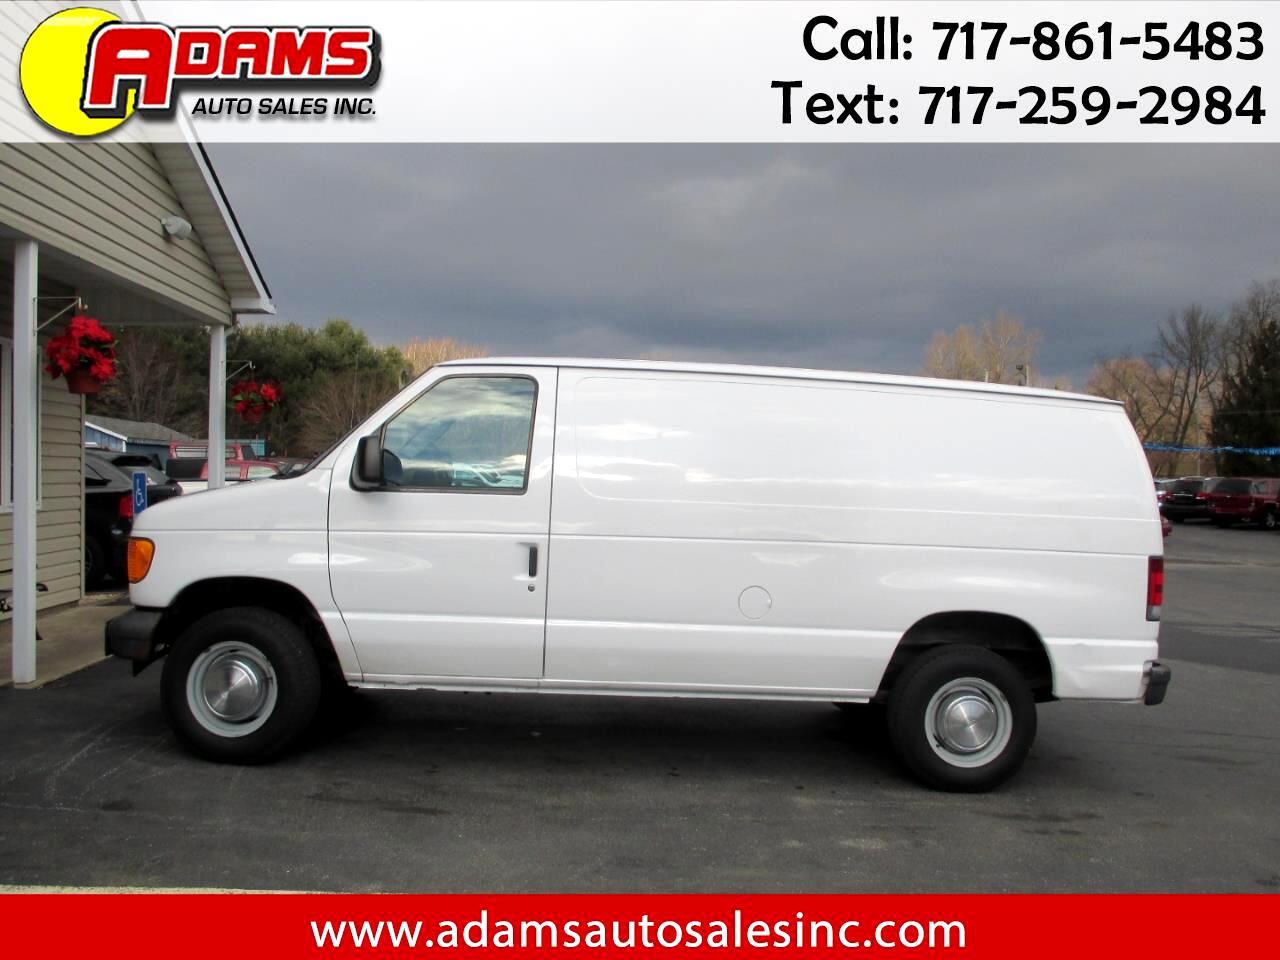 2005 Ford Econoline Cargo Van E-250